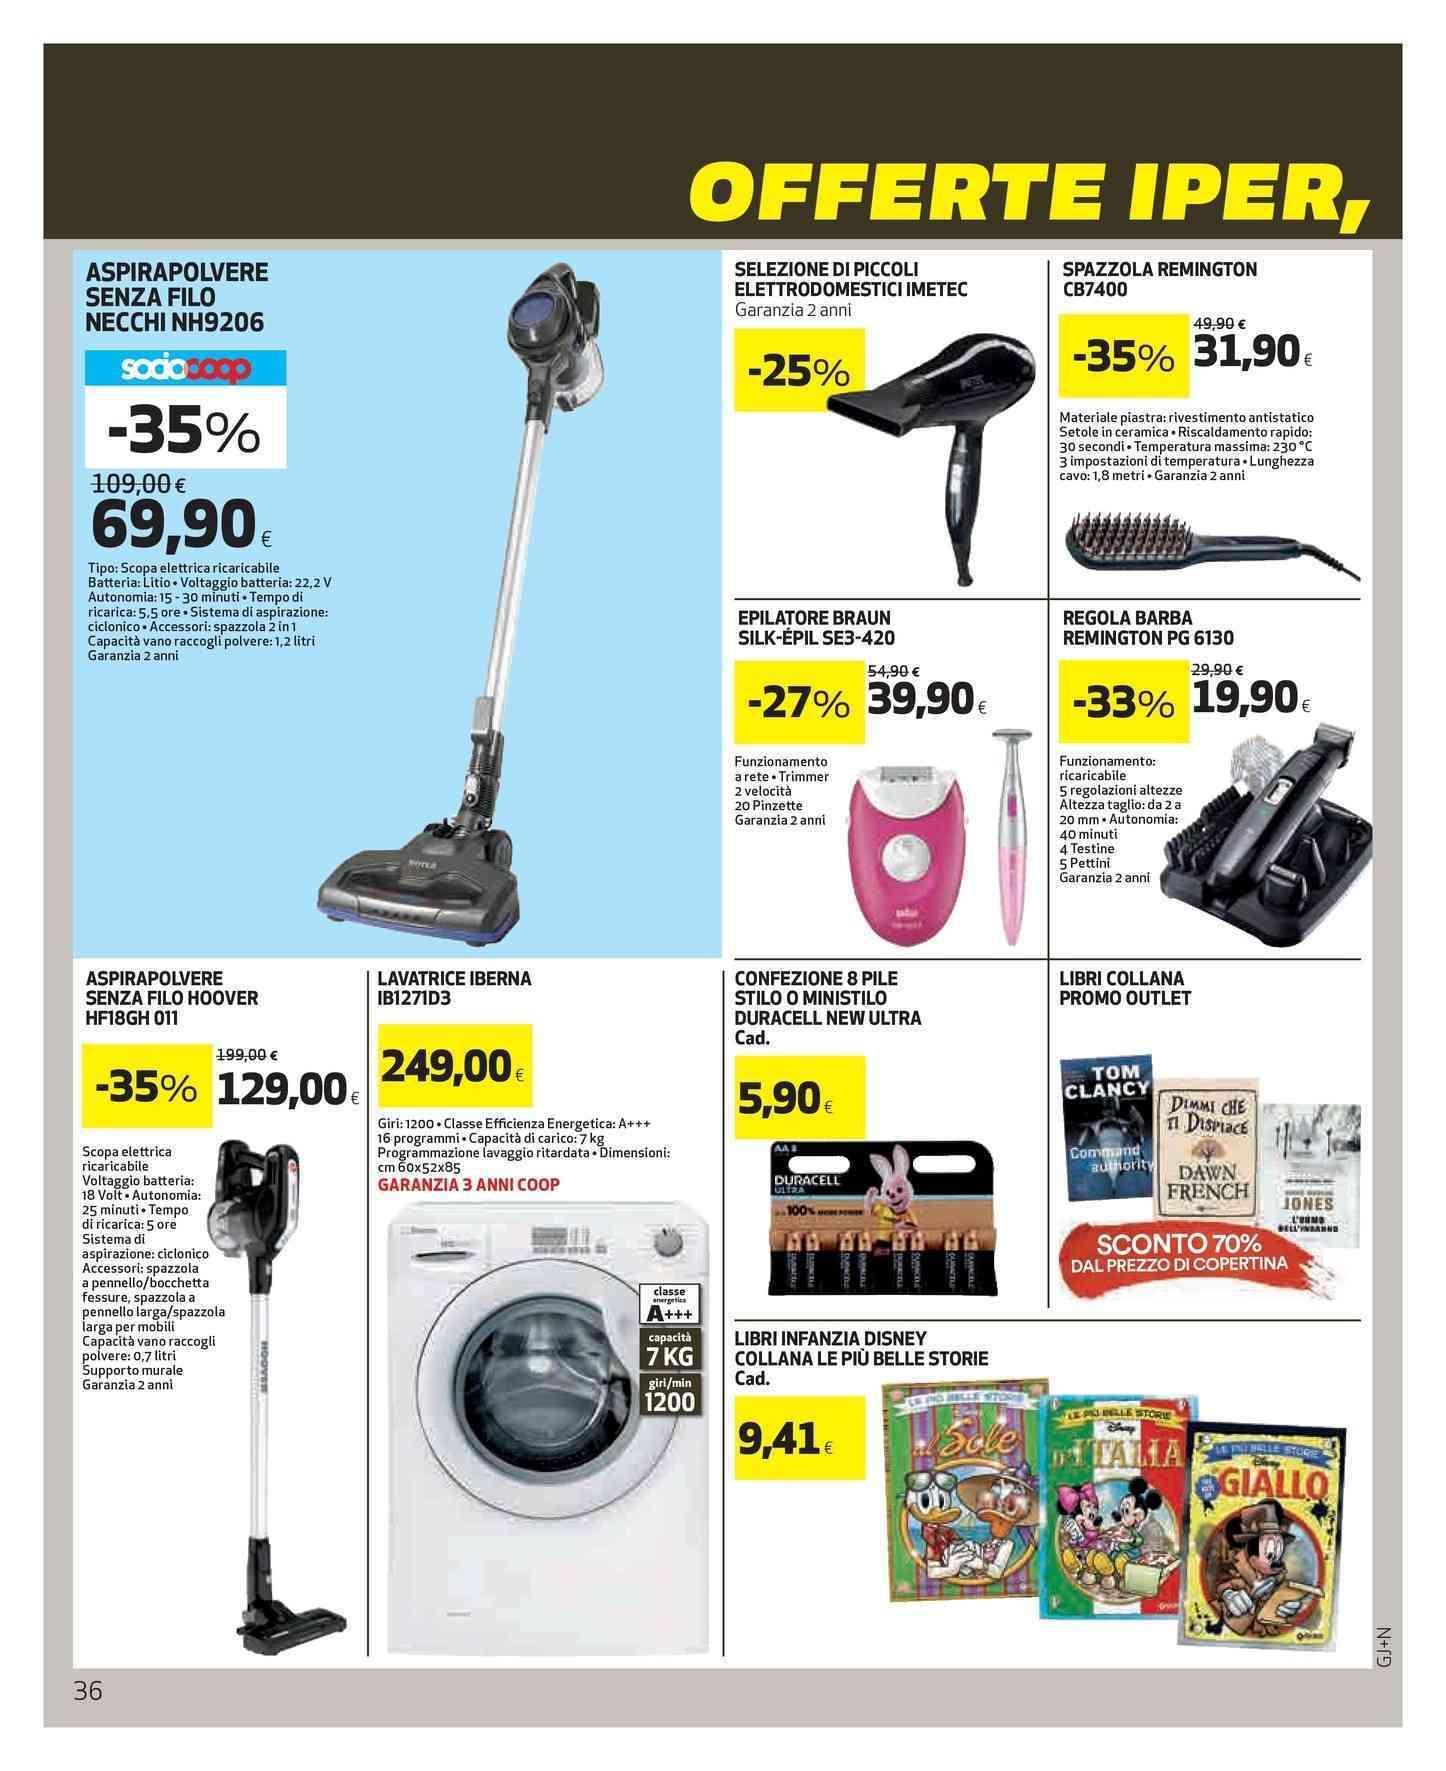 Aspirapolvere Hoover, volantini offerte, prezzi e negozi